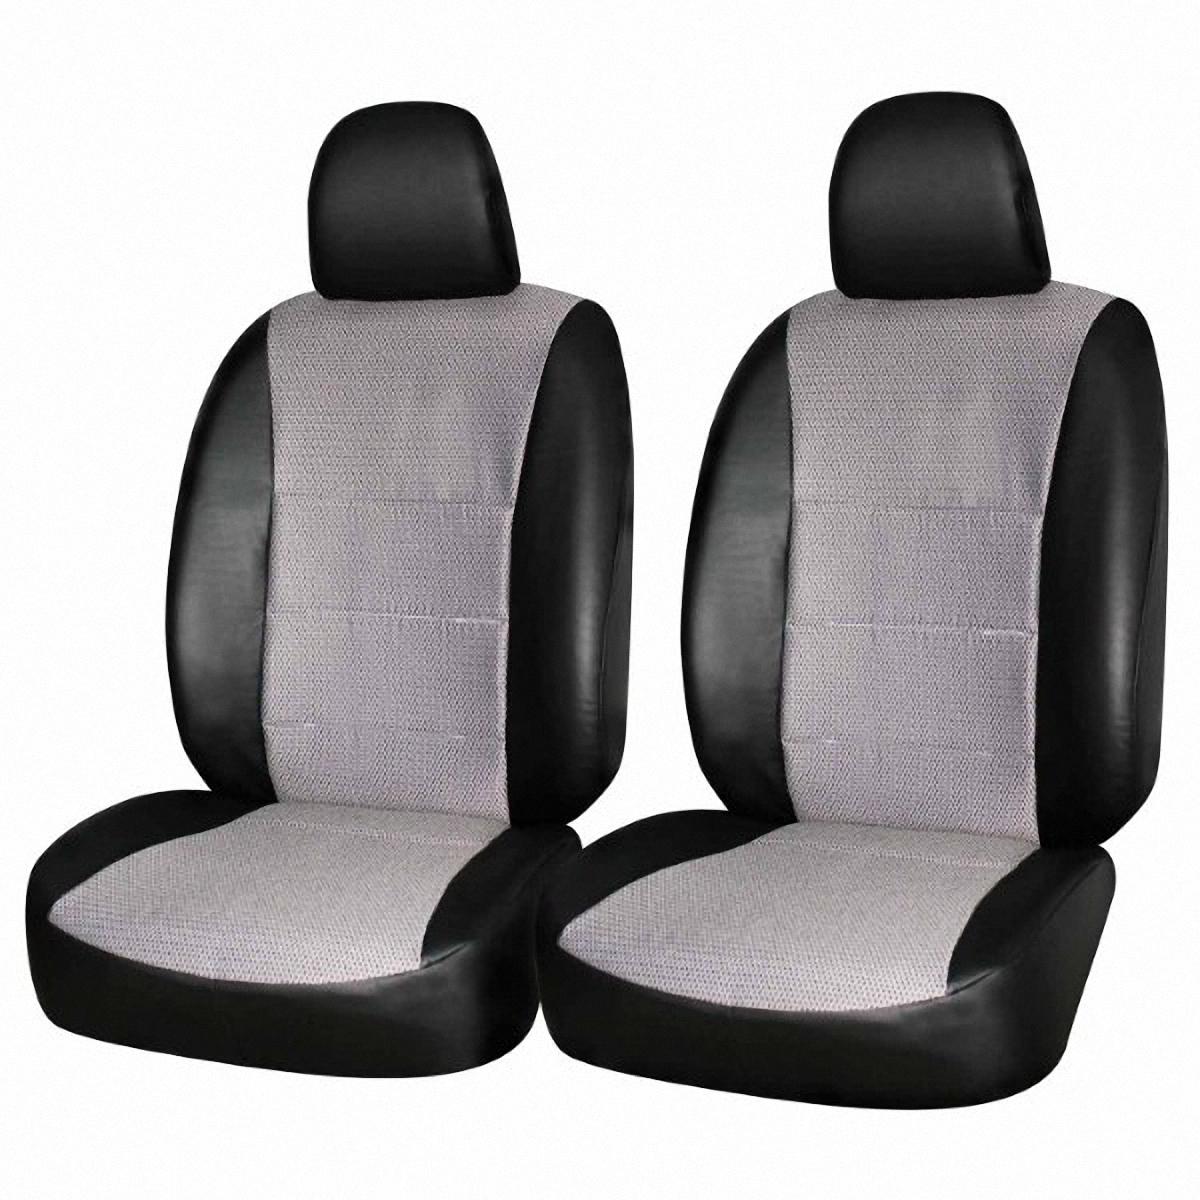 Чехол на сиденье Skyway Toyota Corolla (седан). Ty1-2K чехол на сиденье skyway toyota corolla седан ty1 2k